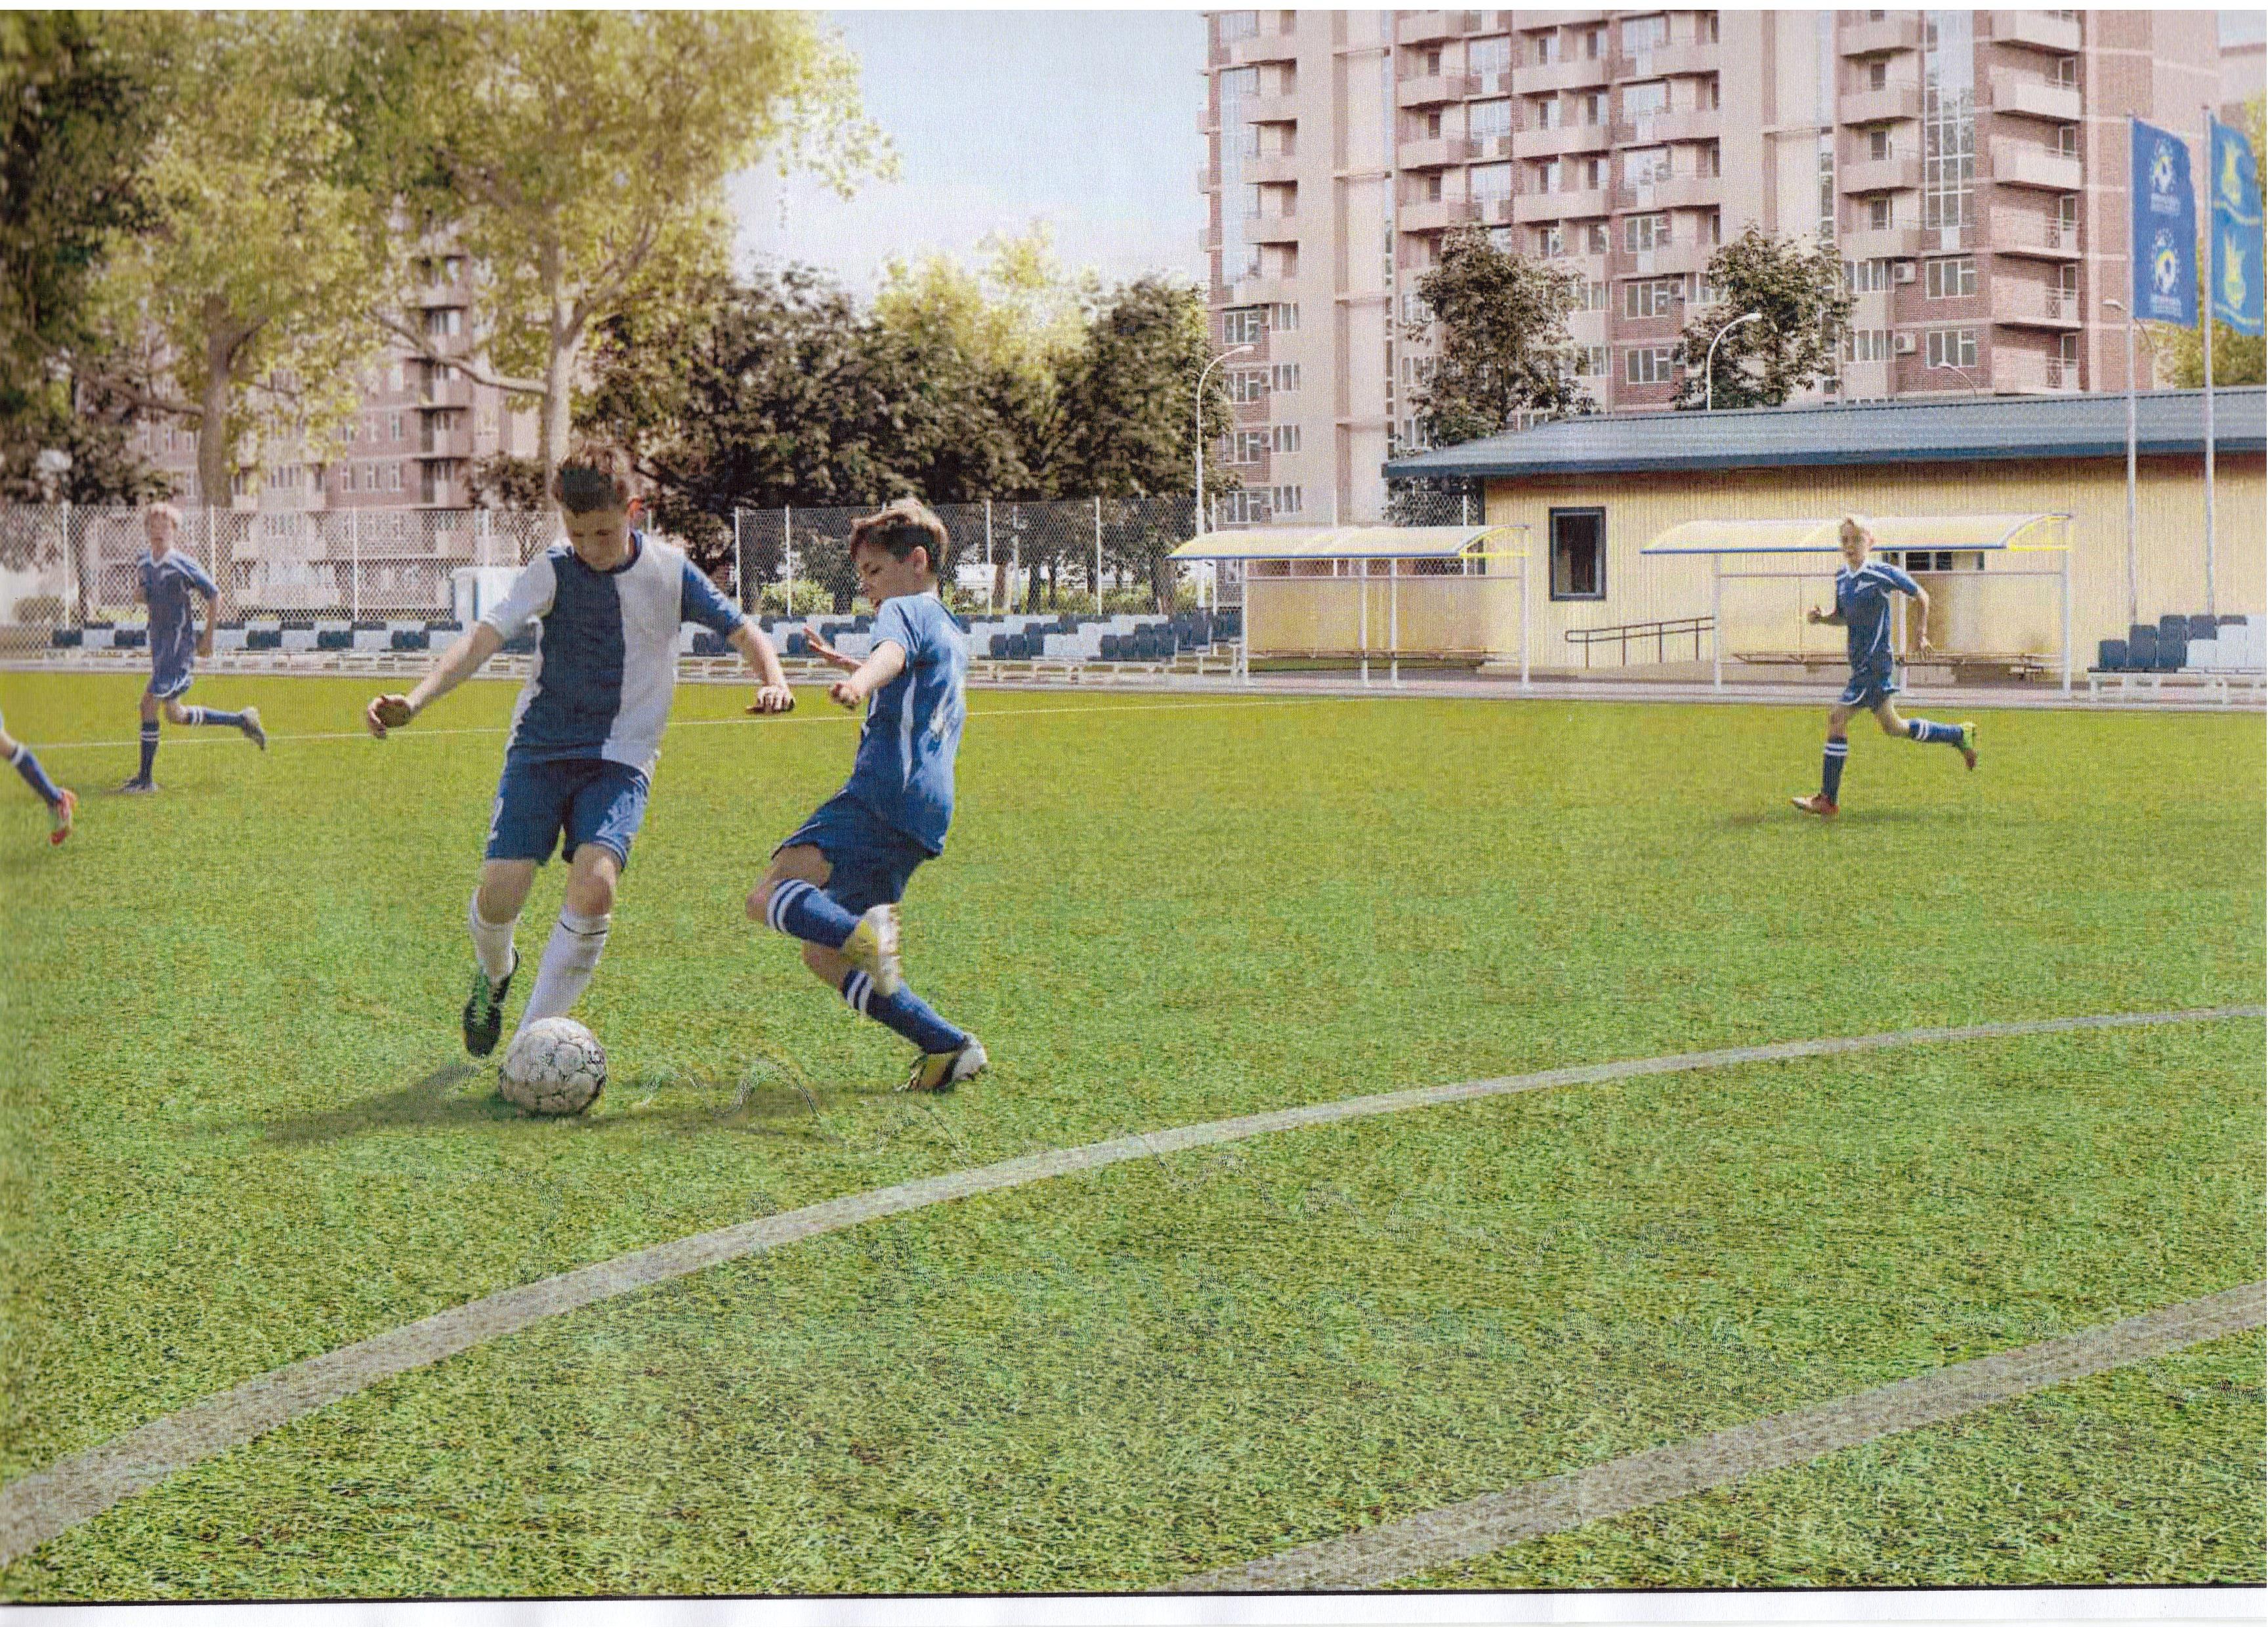 Федерацією області продовжується робота по наміру забудови стадіону